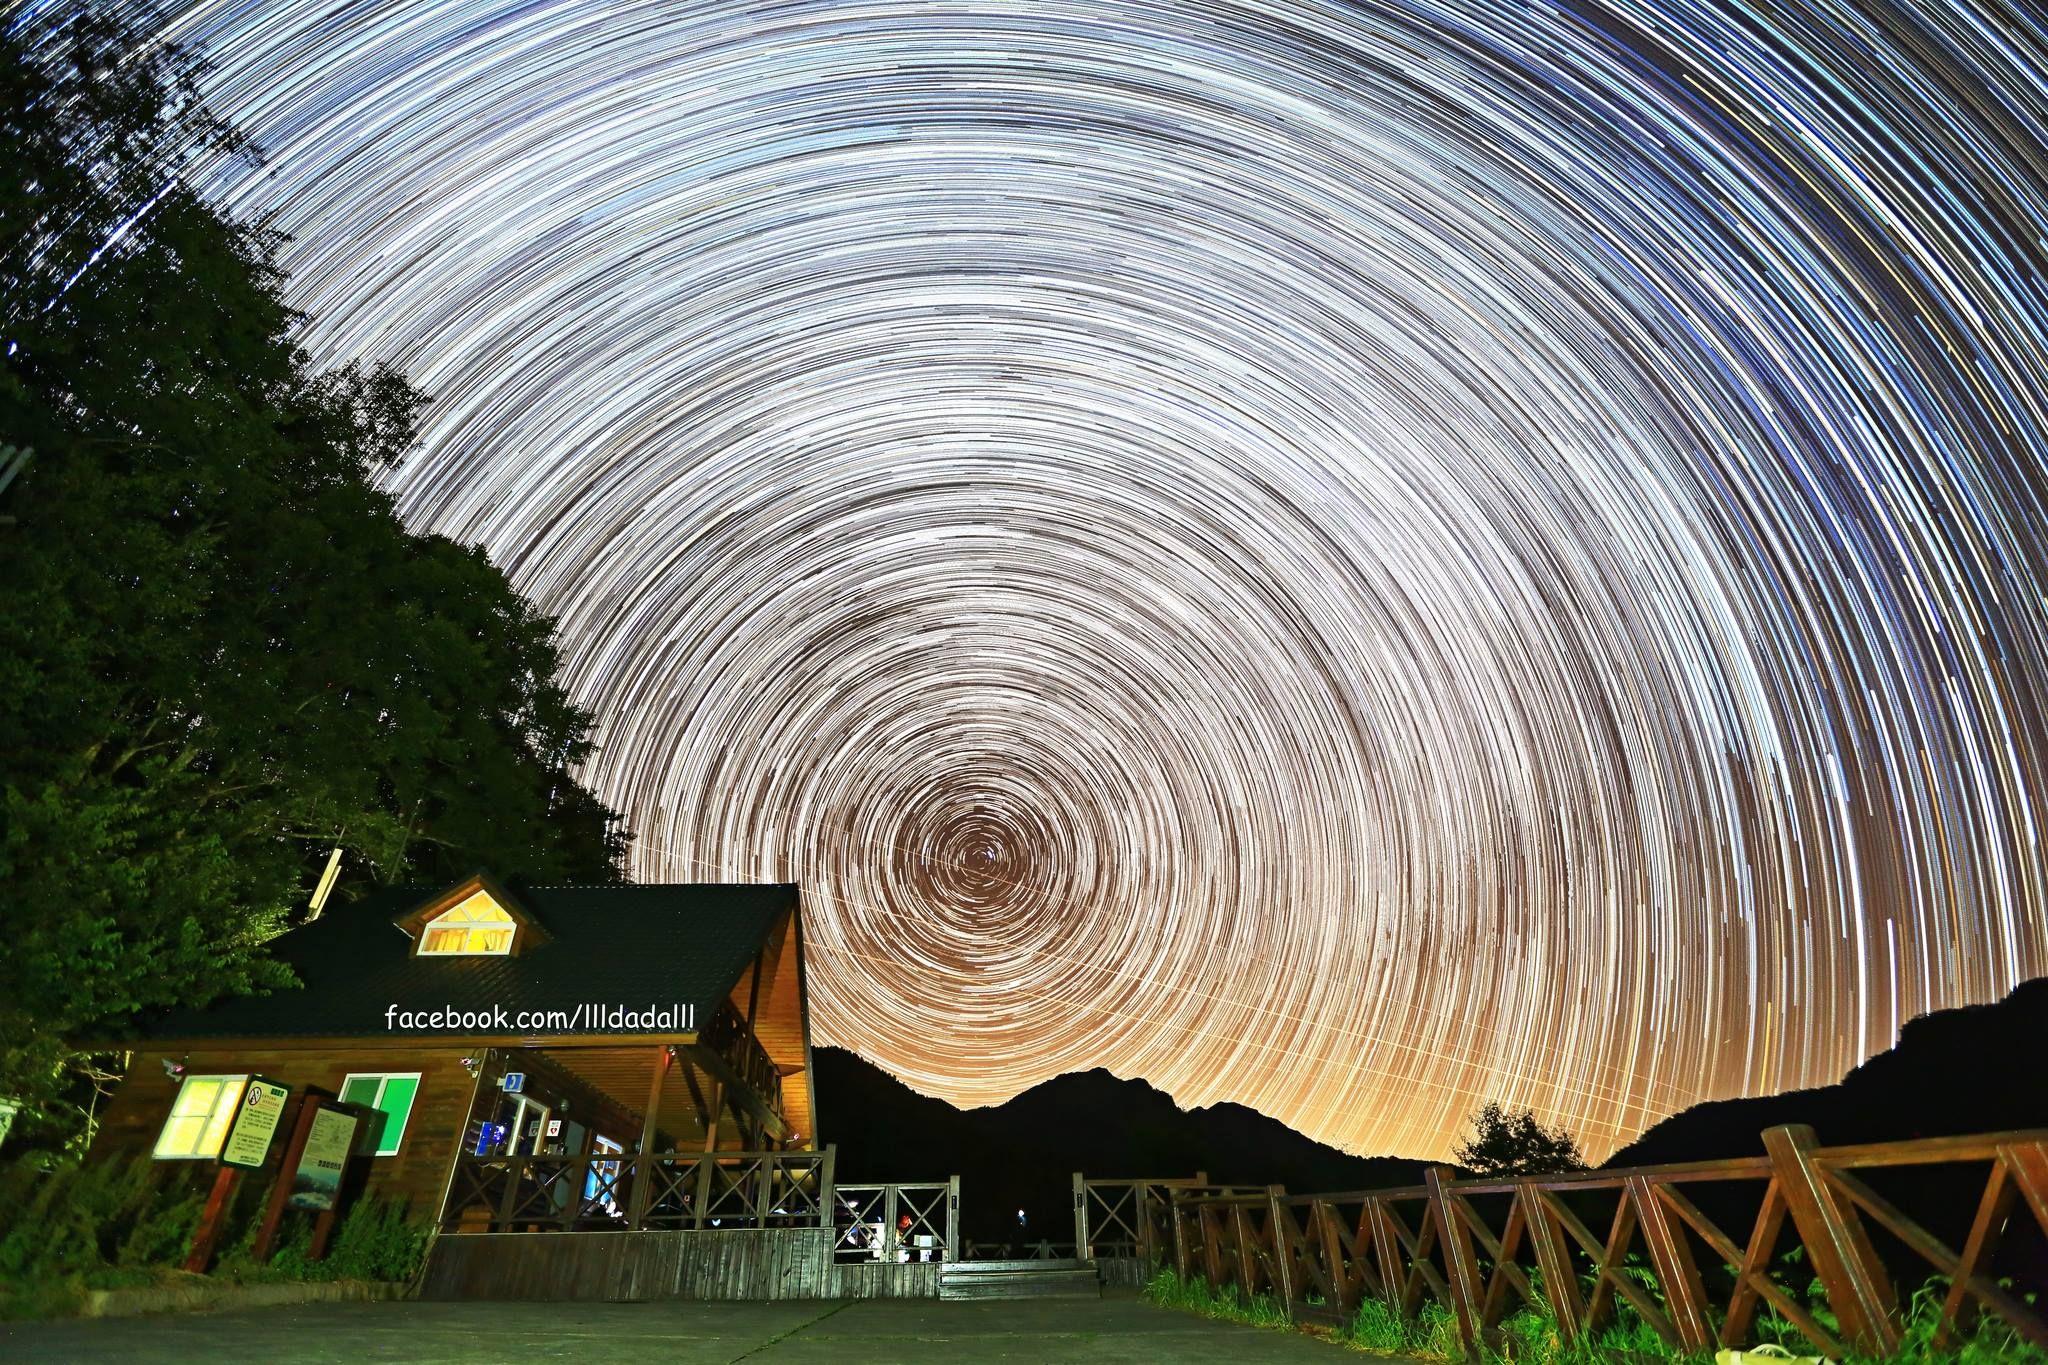 From FB 達達陳 攝影美學 甜甜圈木屋— 在雪山登山口 用長時間曝光,或間隔曝光.....這張照片用了192張疊圖,曝光總時間約102分鐘